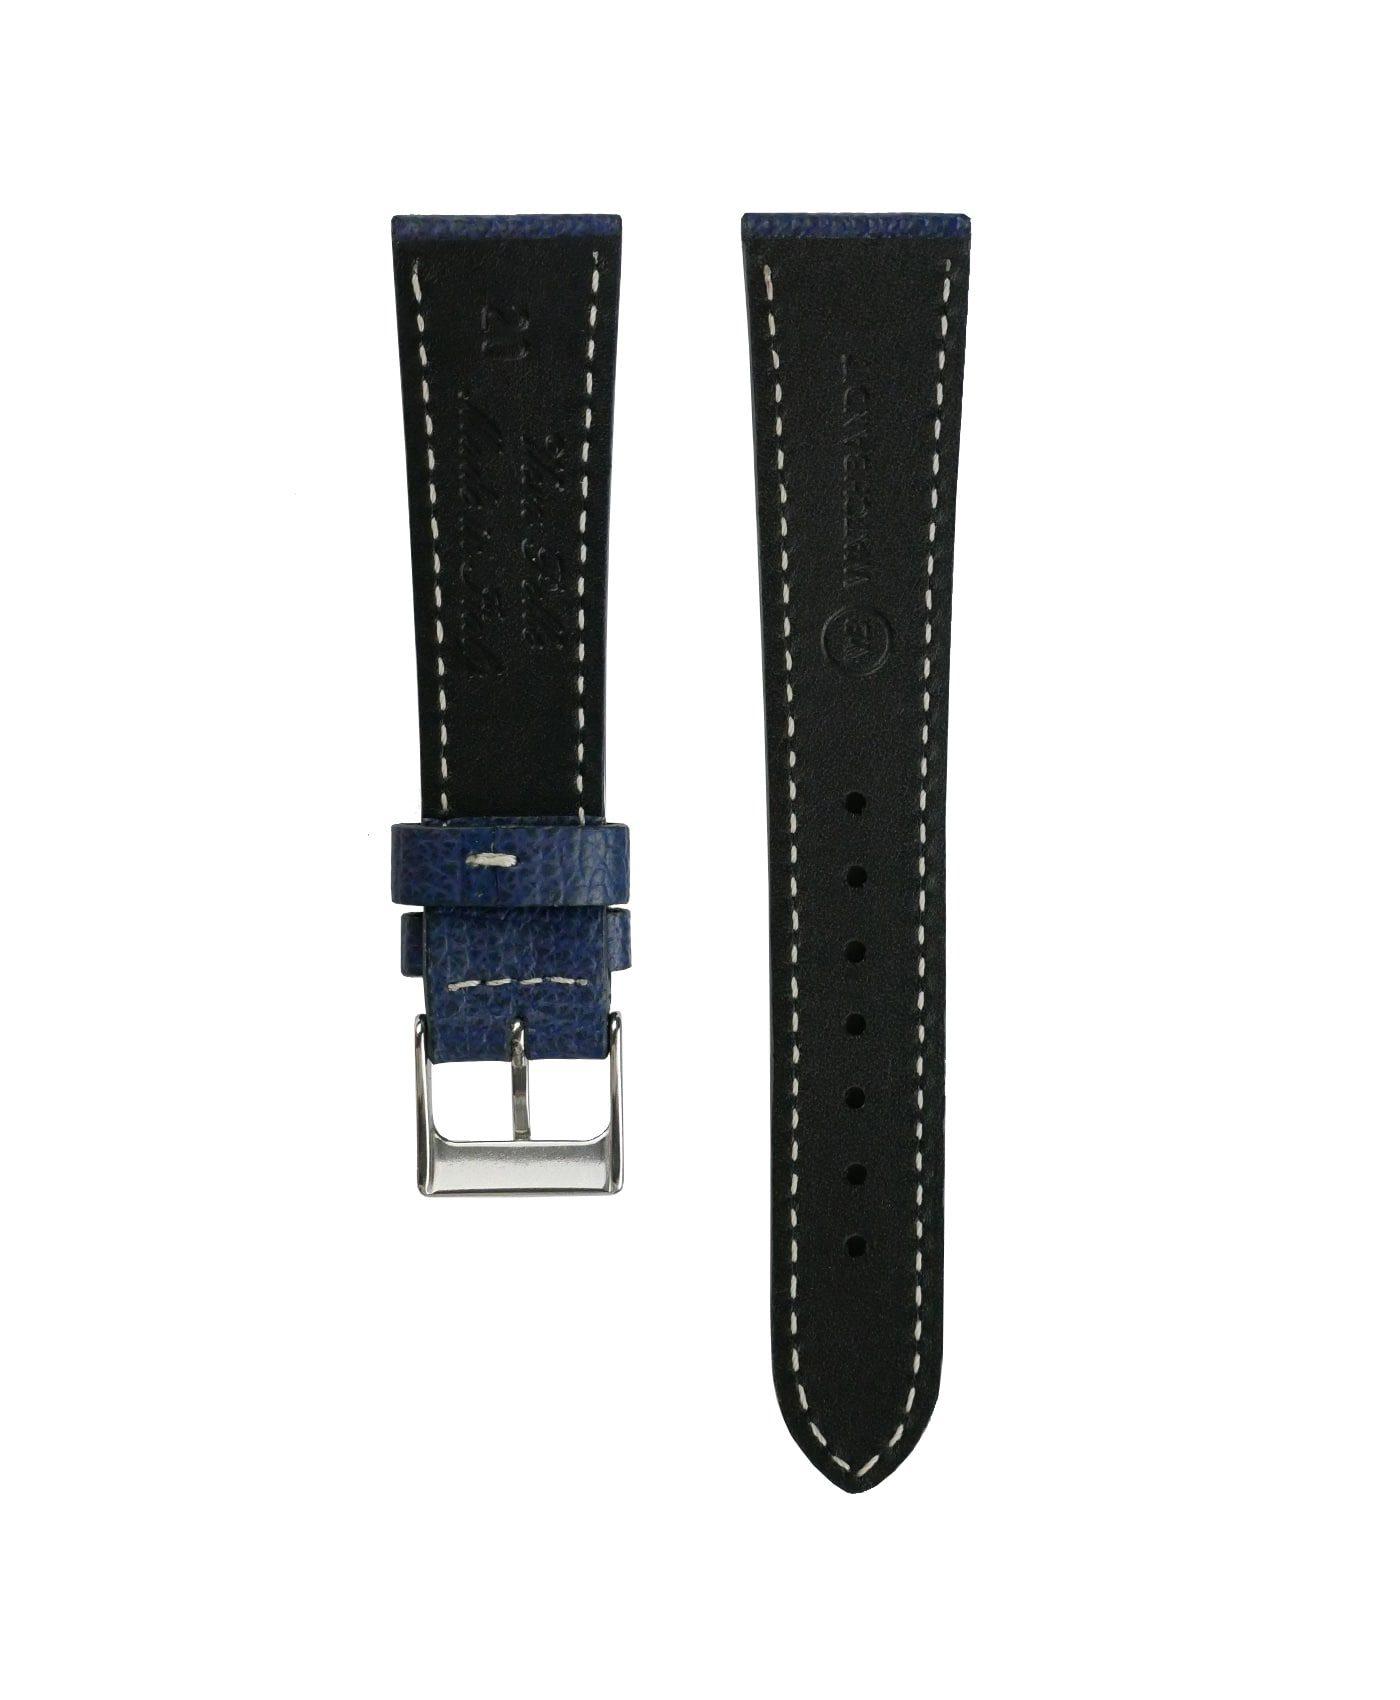 Textured calfskin leather watch strap night blue back watchbandit